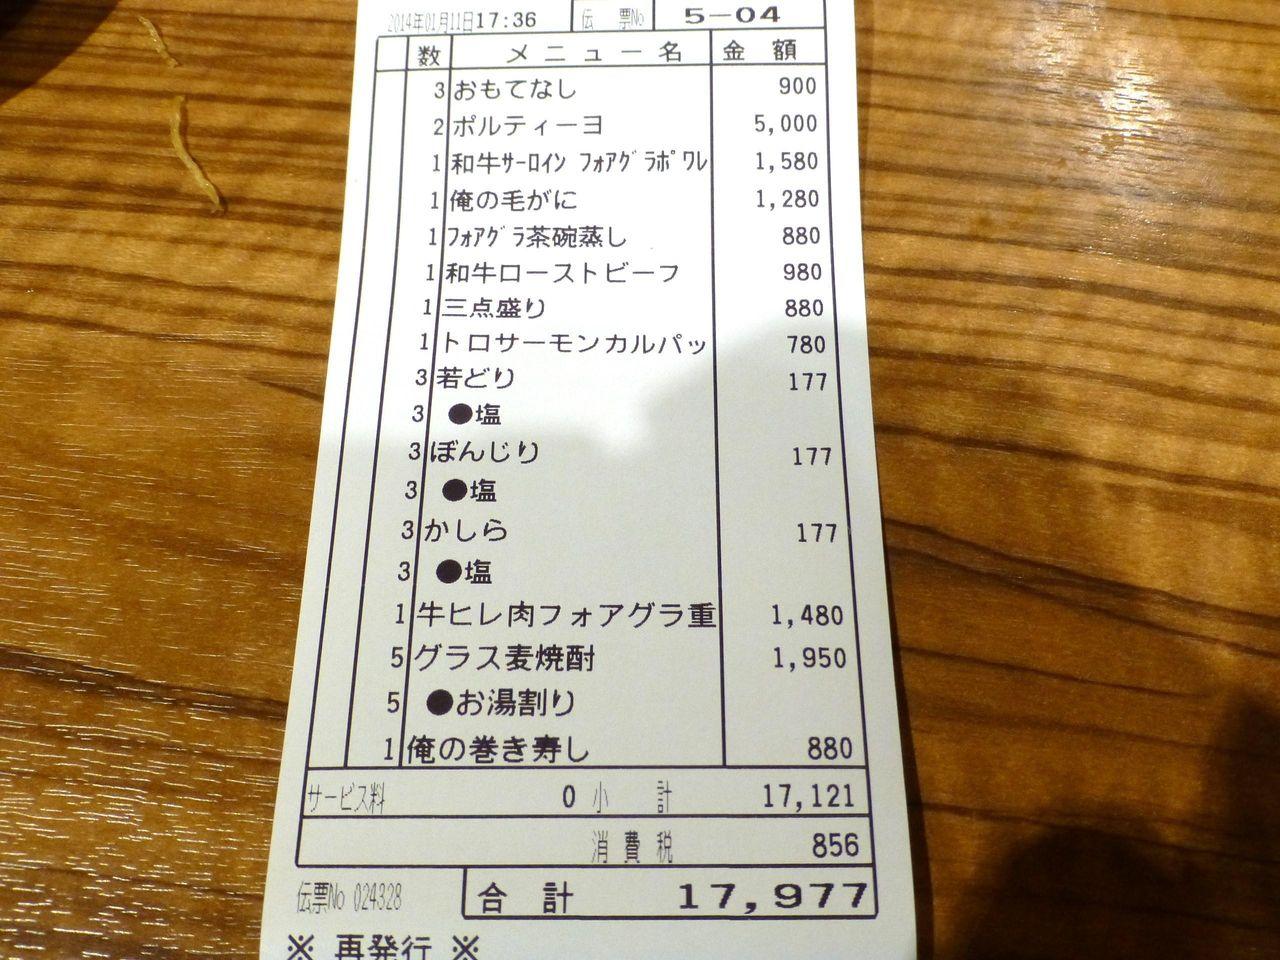 大人3人で17,977円(1人約6,000円)・・・まさに価格破壊だ!